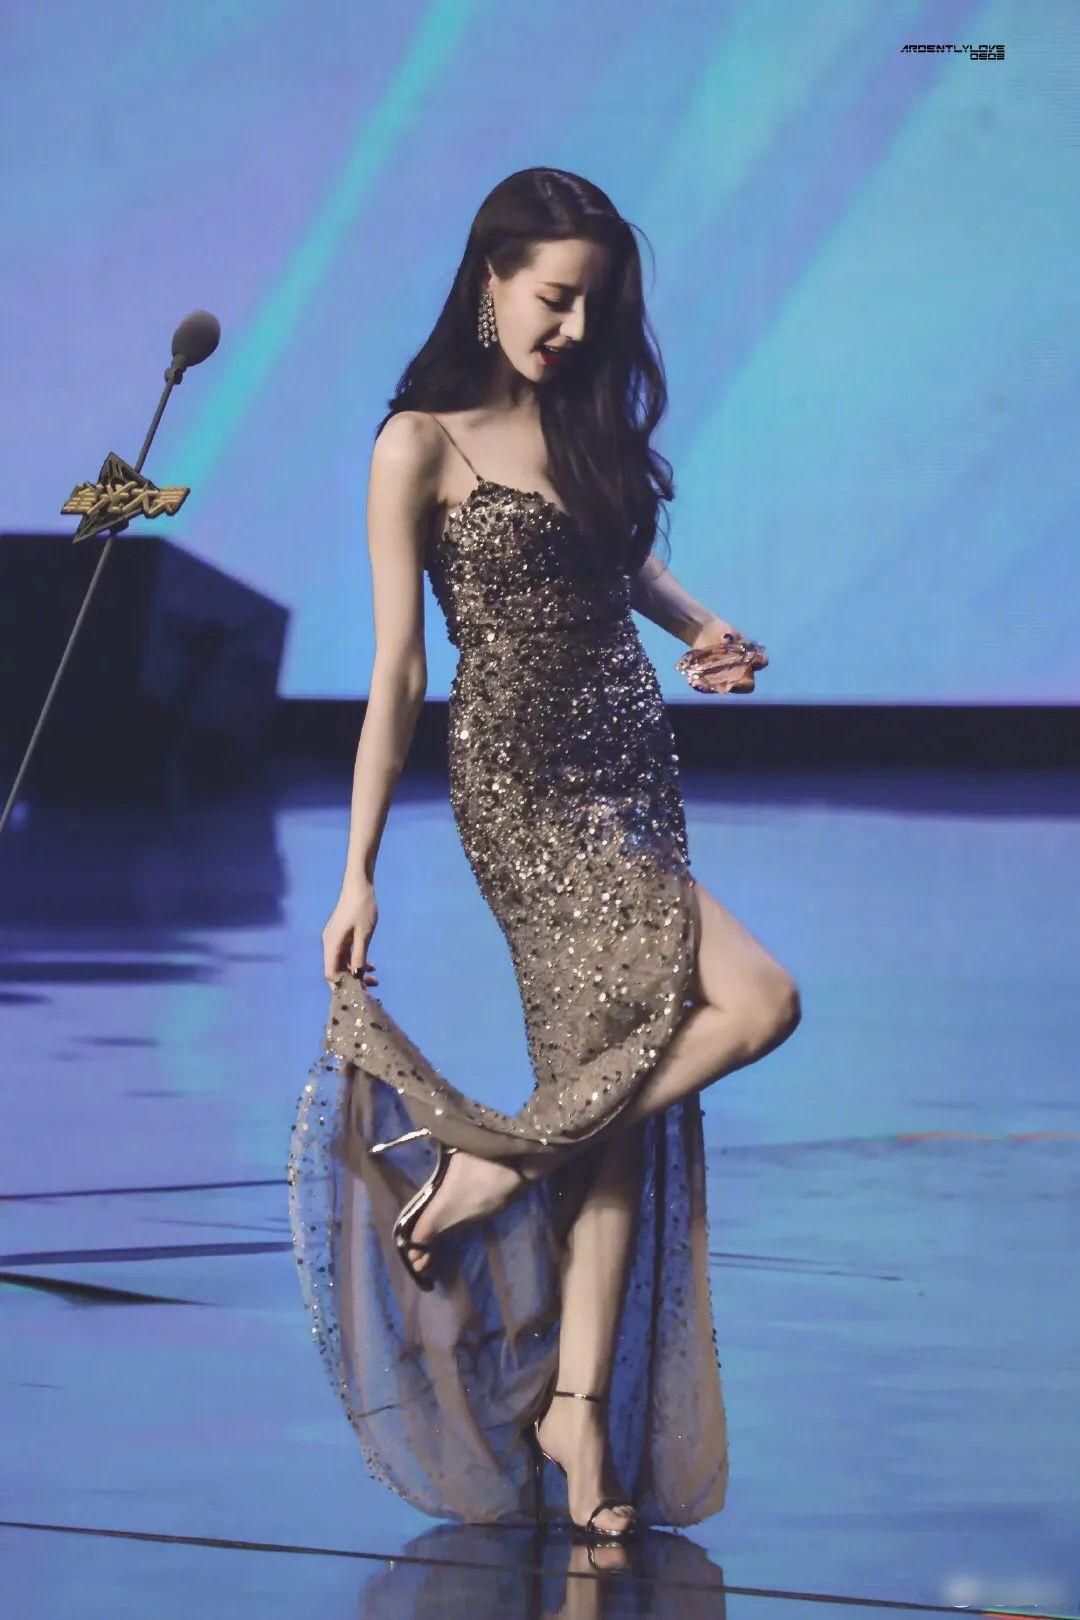 女明星整理裙子:遇到意外也要保持优雅